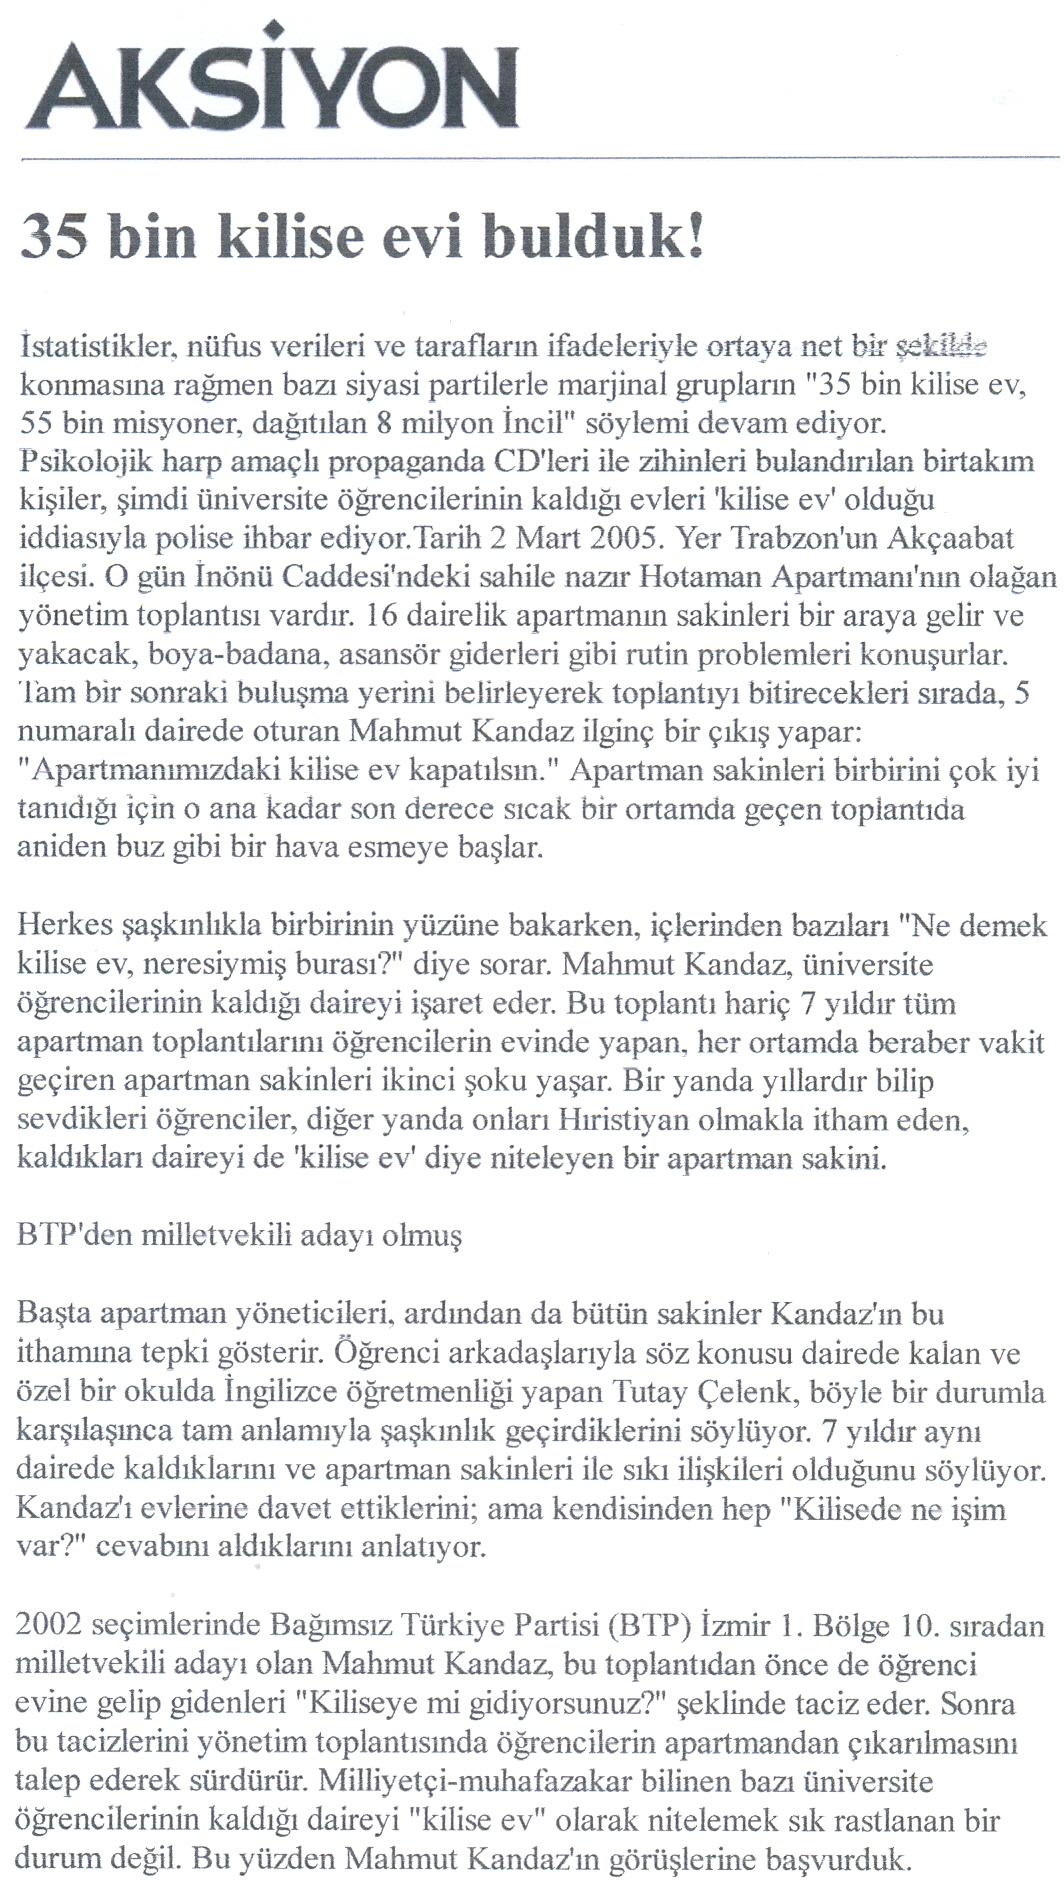 Τουρκική επιθεώρηση